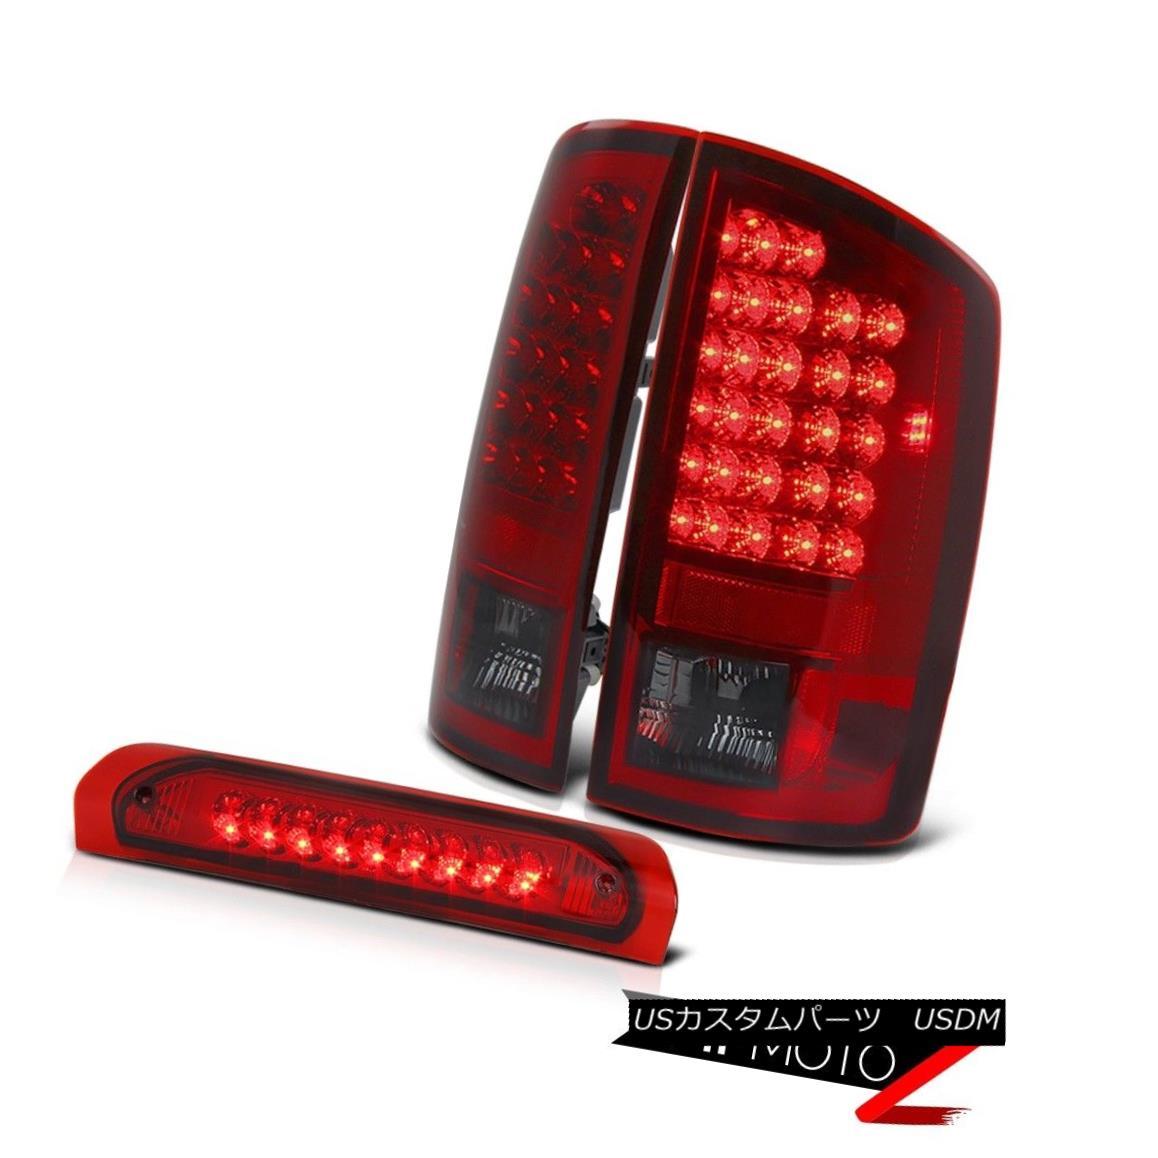 テールライト Dodge Ram 02-05 Left+Right Factory Style RED/CLEAR Tail Light+Led 3rd Brake Lamp ドッジラム02-05左+右工場風レッド/クリアテールライト+第3ブレーキランプ